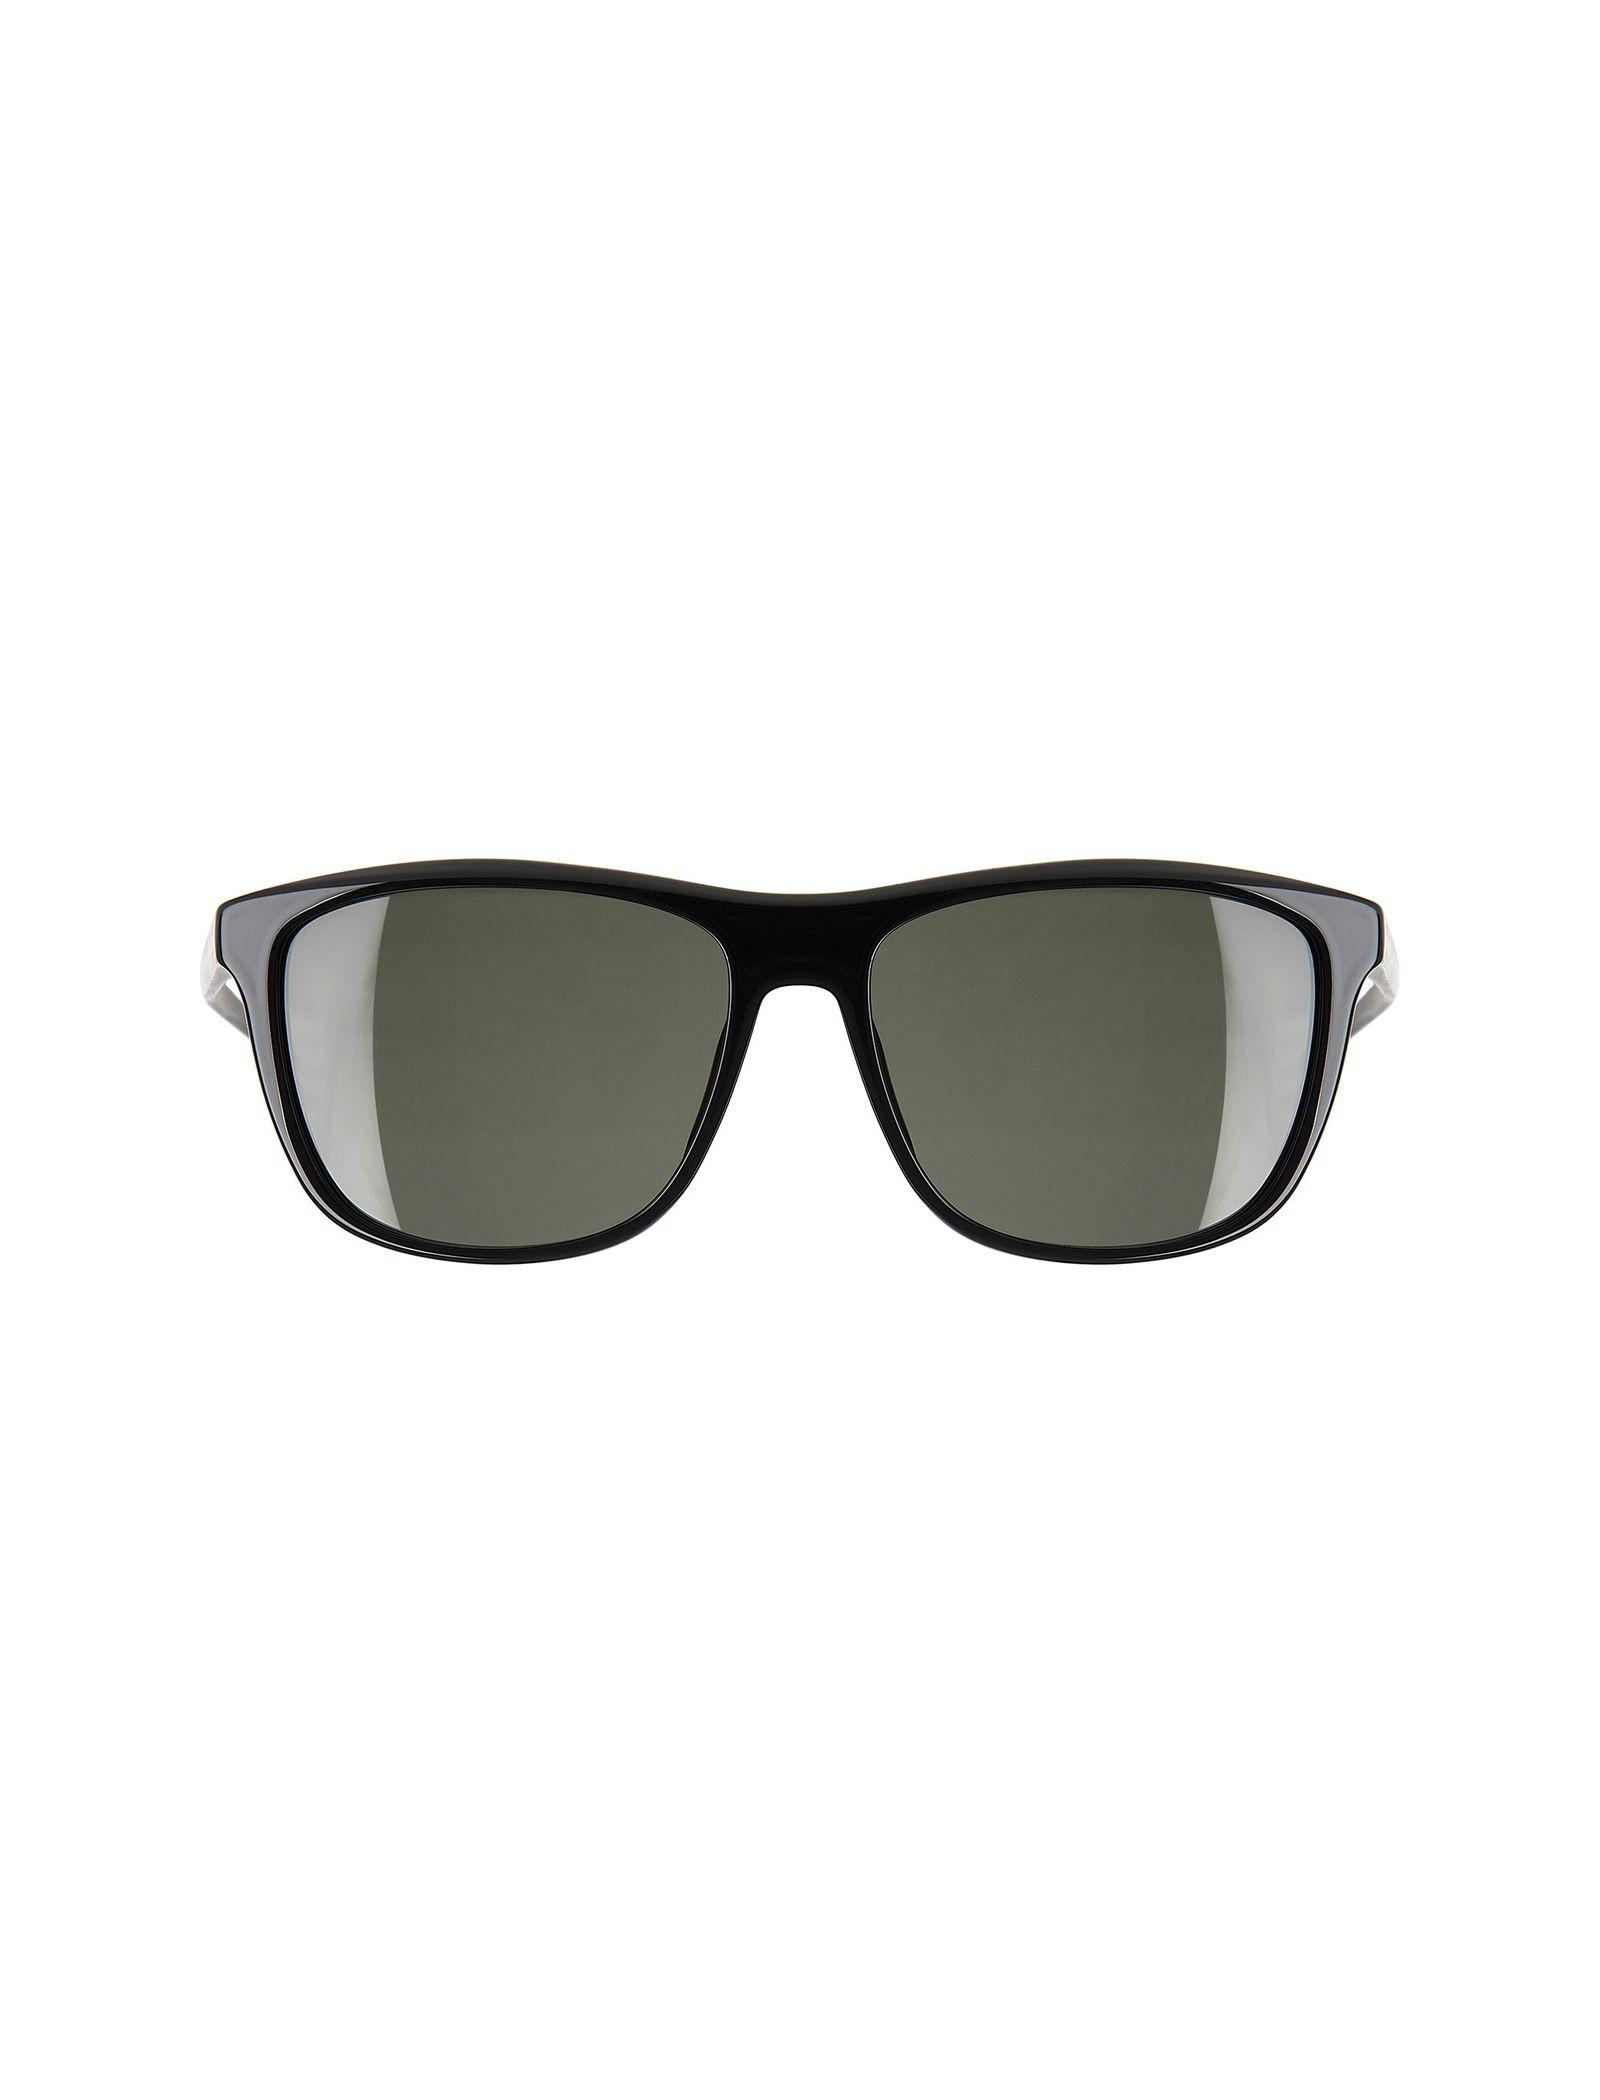 عینک آفتابی ویفرر مردانه - باس - مشکي - 1